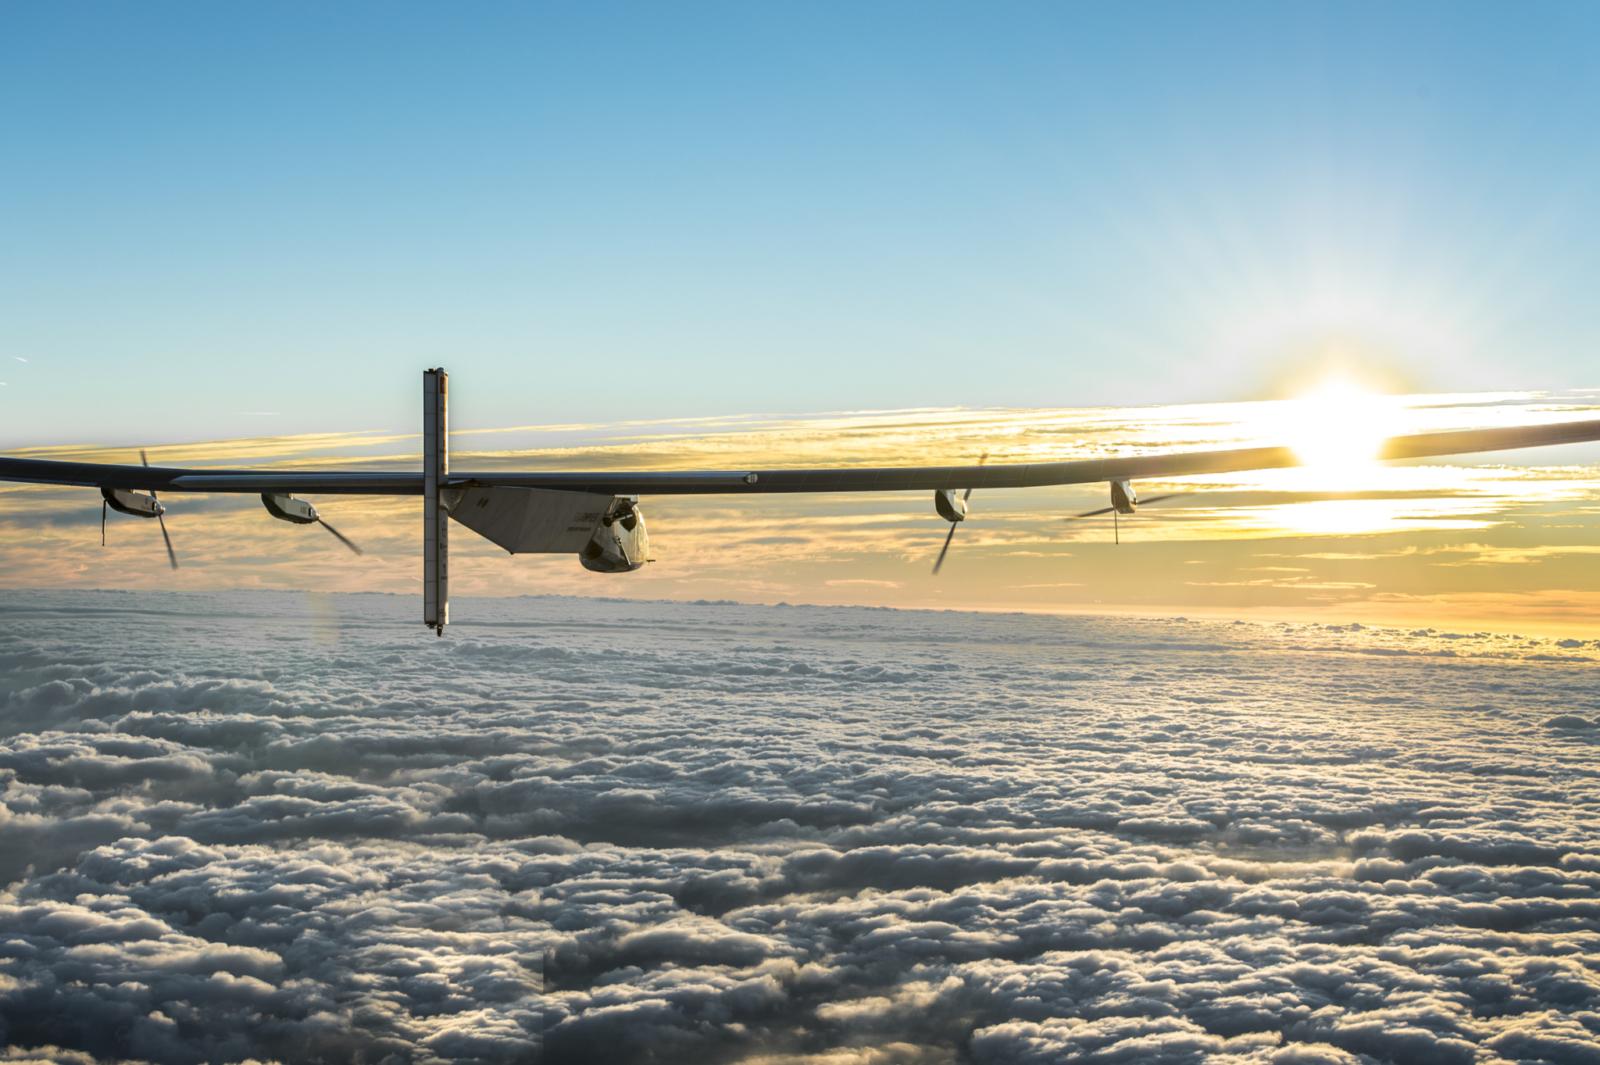 Solar impulse: the solar airplane